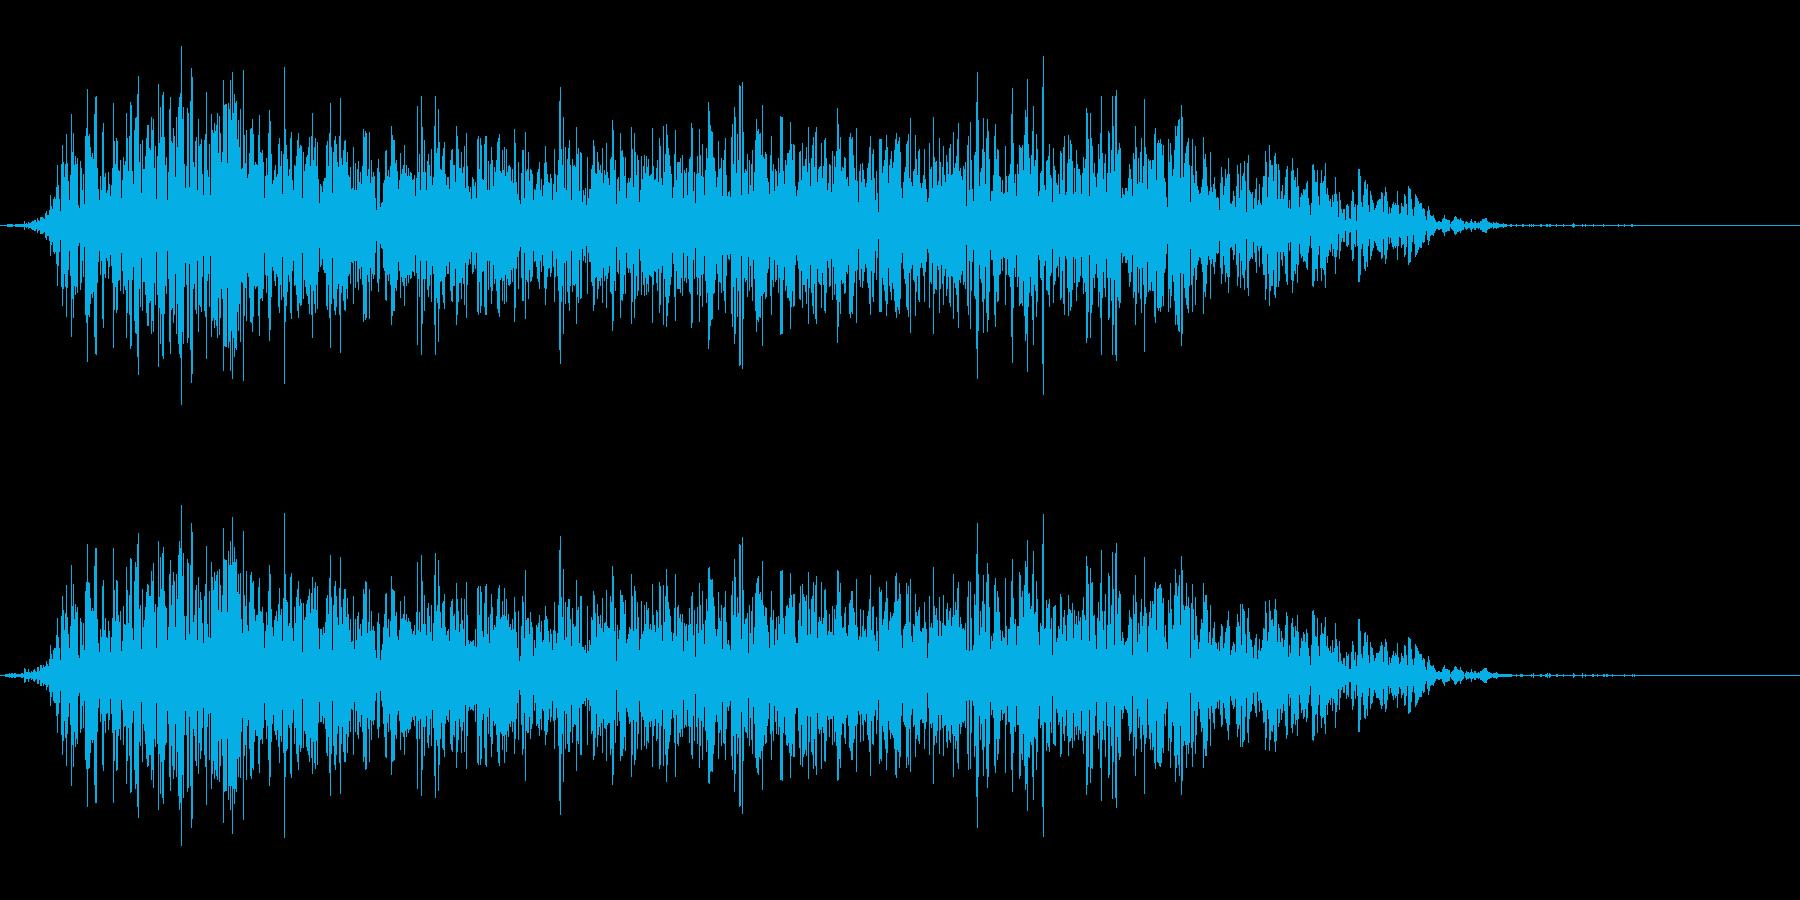 火炎ブレス/火炎放射_その1の再生済みの波形